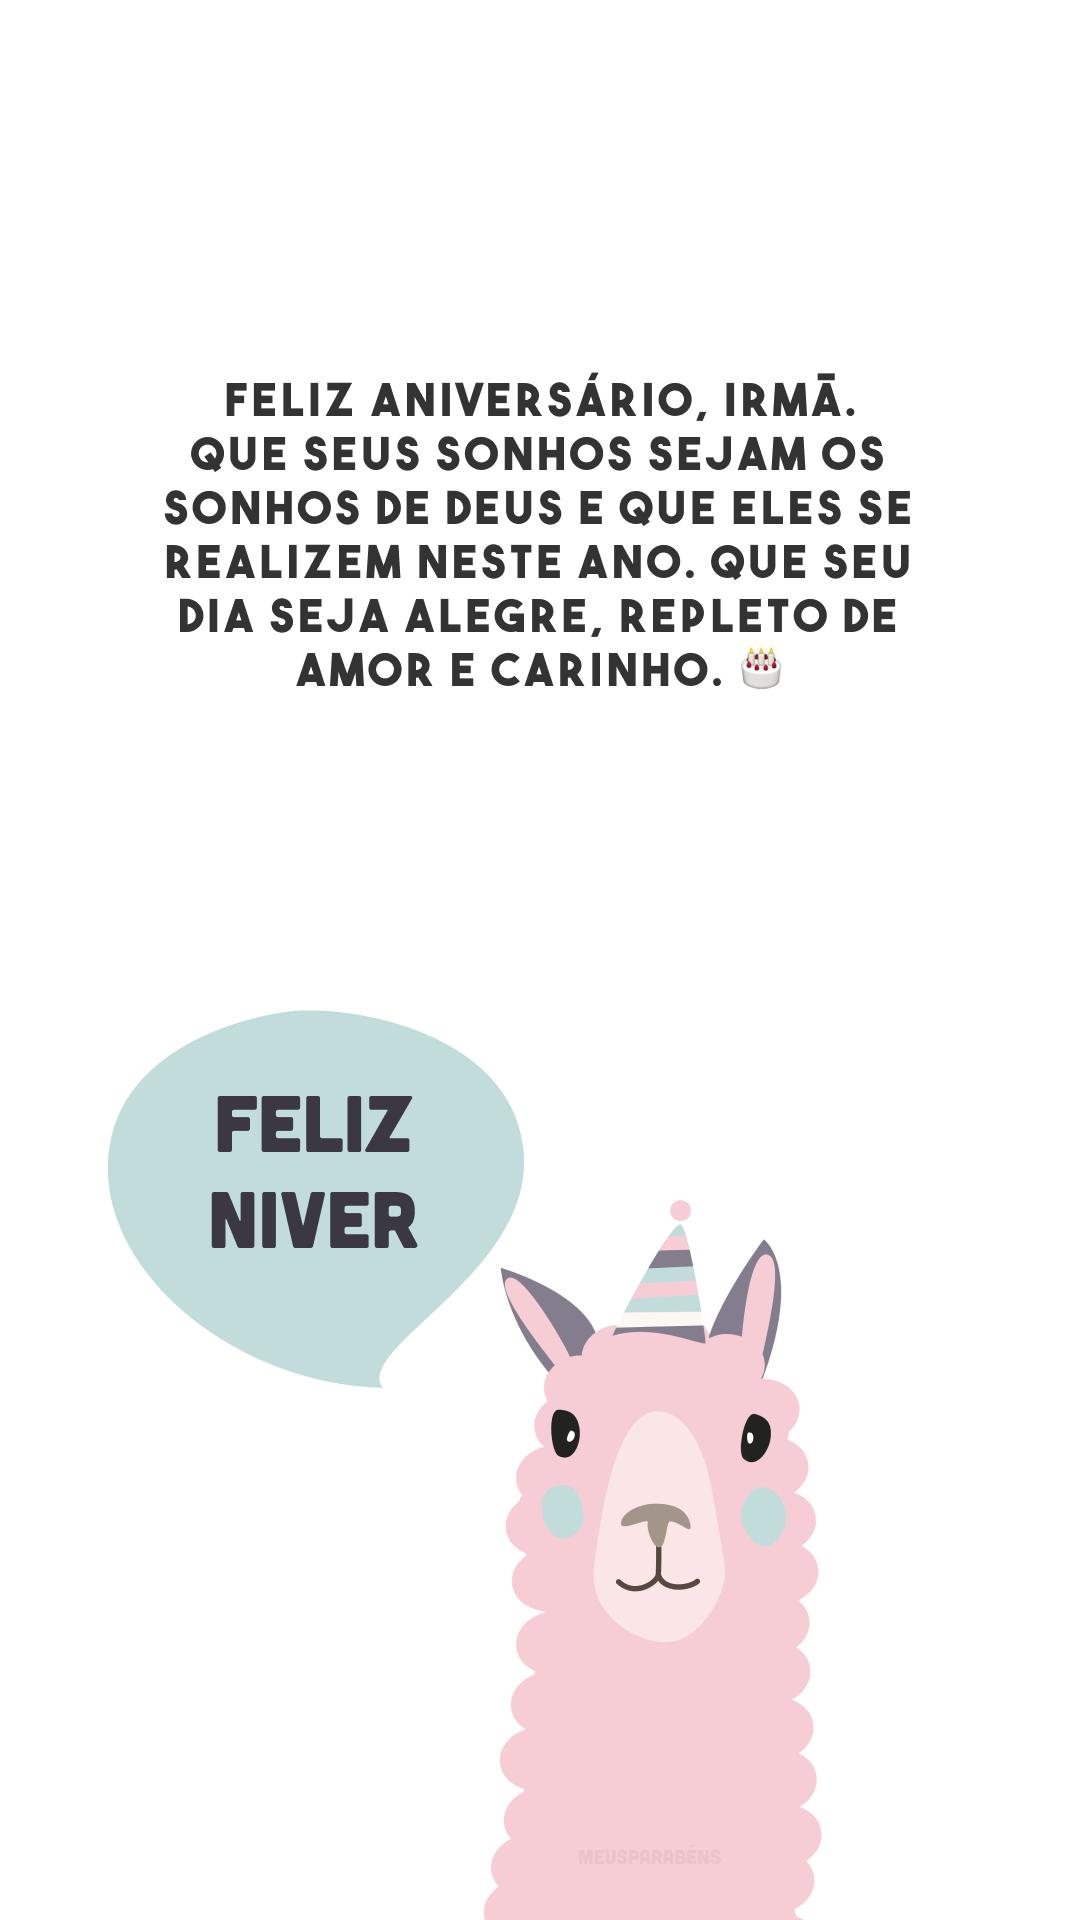 Feliz aniversário, irmã. Que seus sonhos sejam os sonhos de Deus e que eles se realizem neste ano. Que seu dia seja alegre, repleto de amor e carinho. 🎂